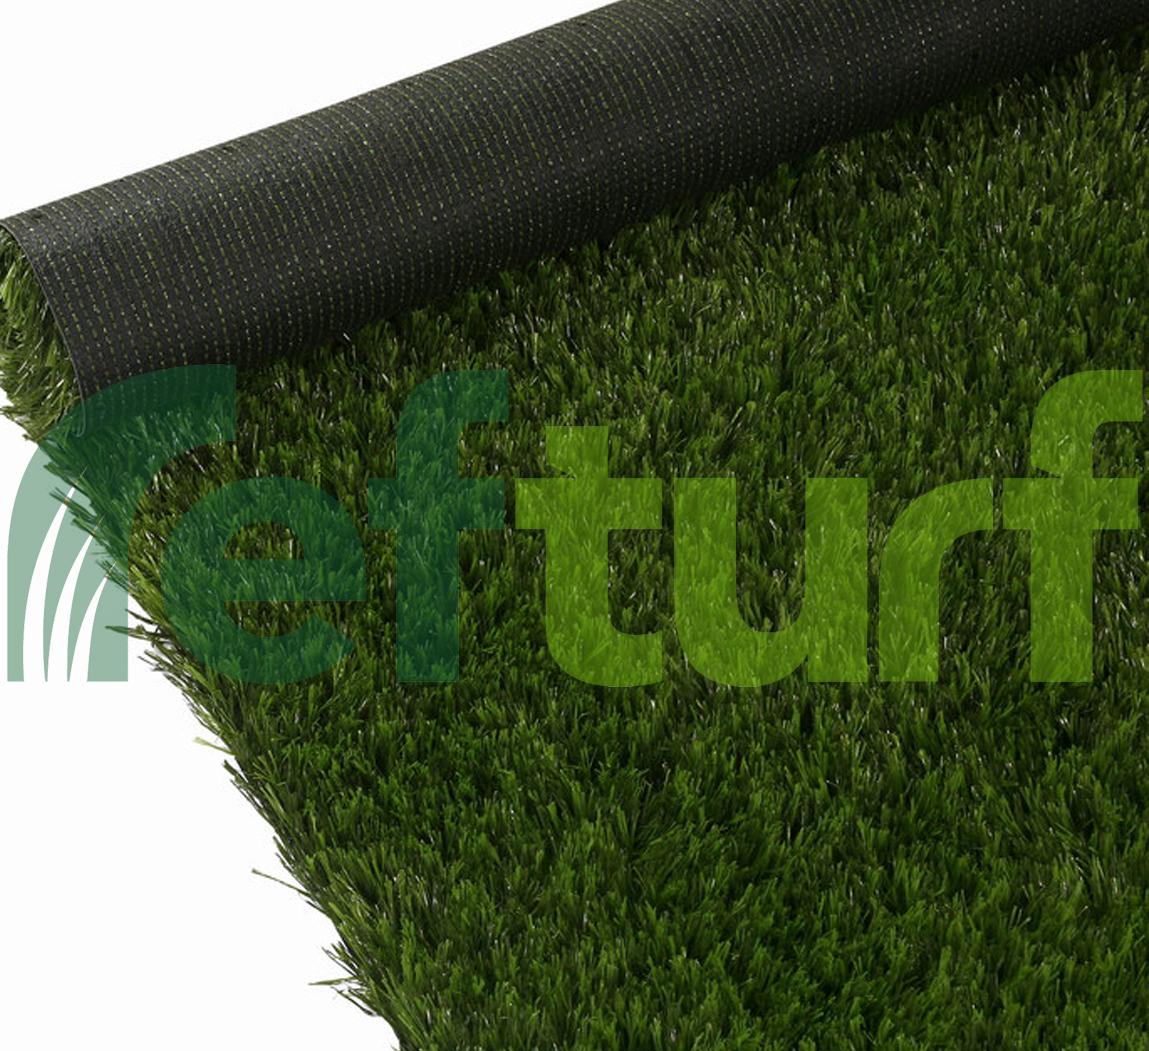 yeşil suni çim, suni çim, sentetik çim, suni çimler, yeşil çim,